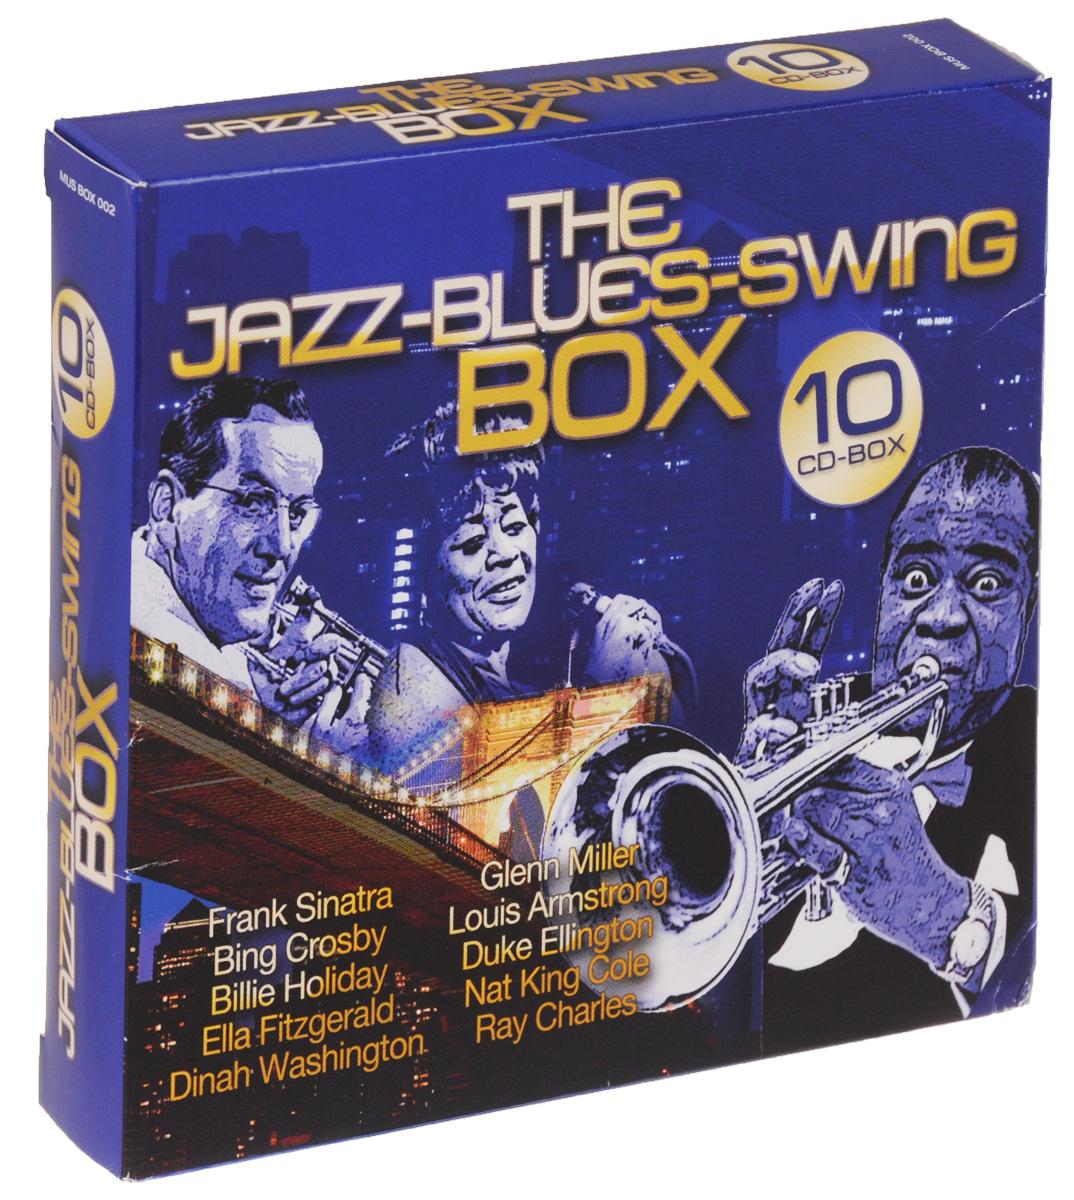 К изданию прилагается 8-страничный буклет со списком треков. Диски упакованы в индивидуальные прозрачные конверты и вложены в коробку.